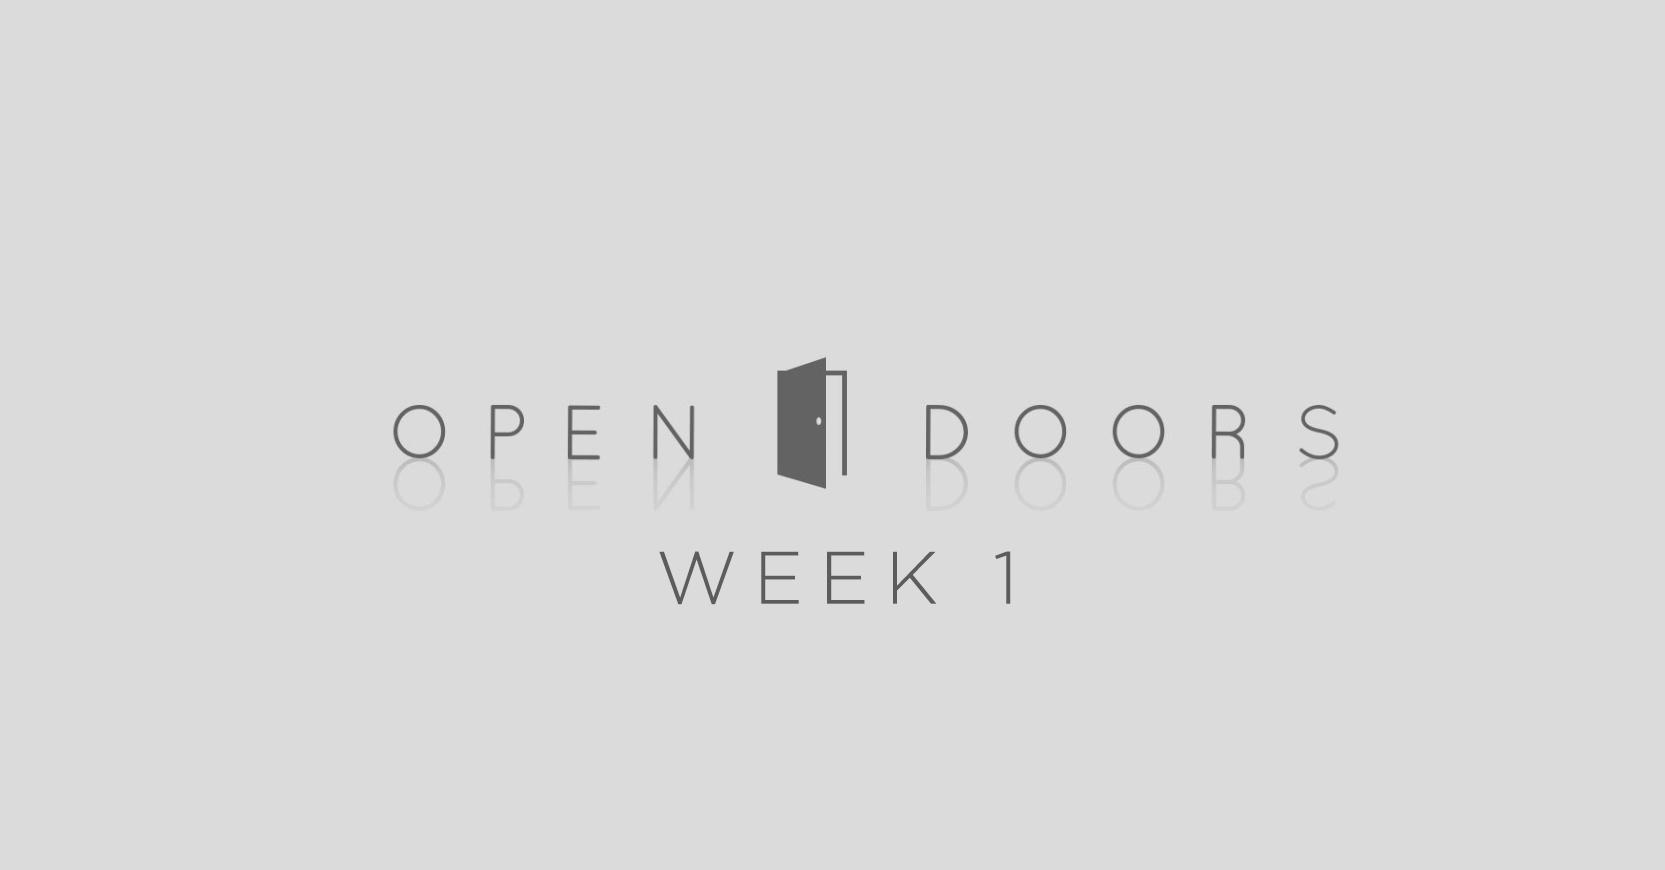 Open Doors_Week 1.jpg